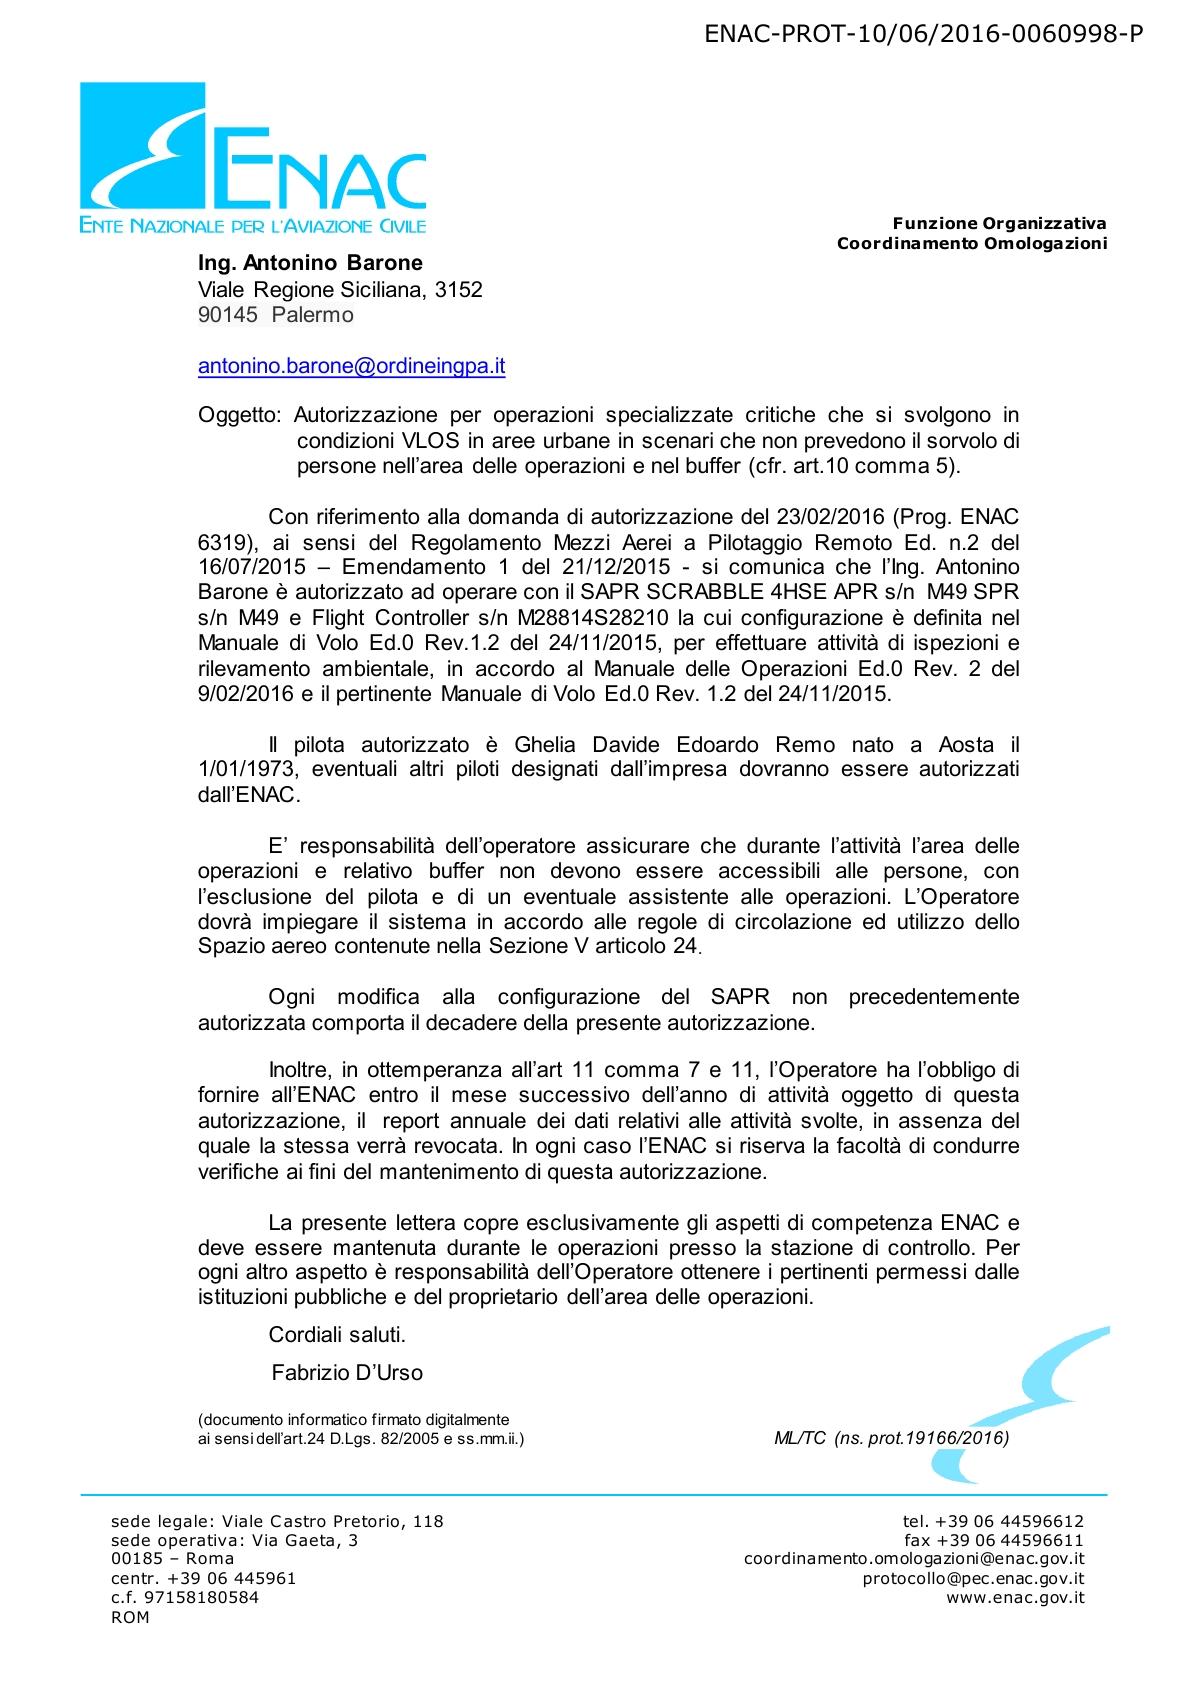 ANTONIO_BARONE_Autorizzazione_6319